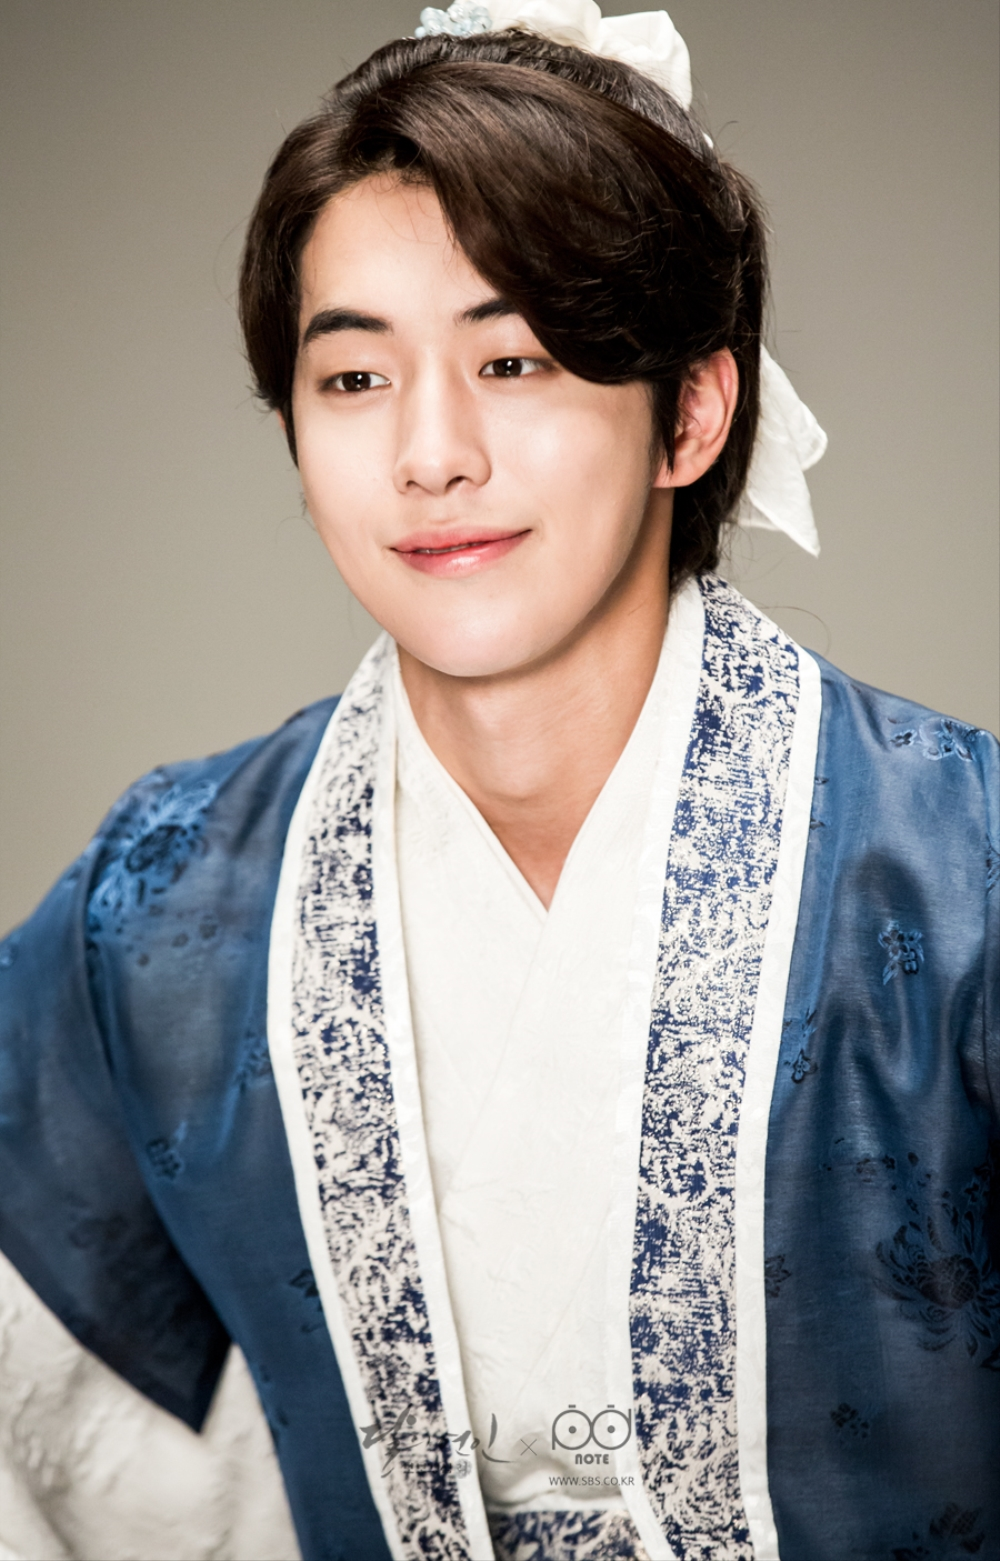 Joohyuk